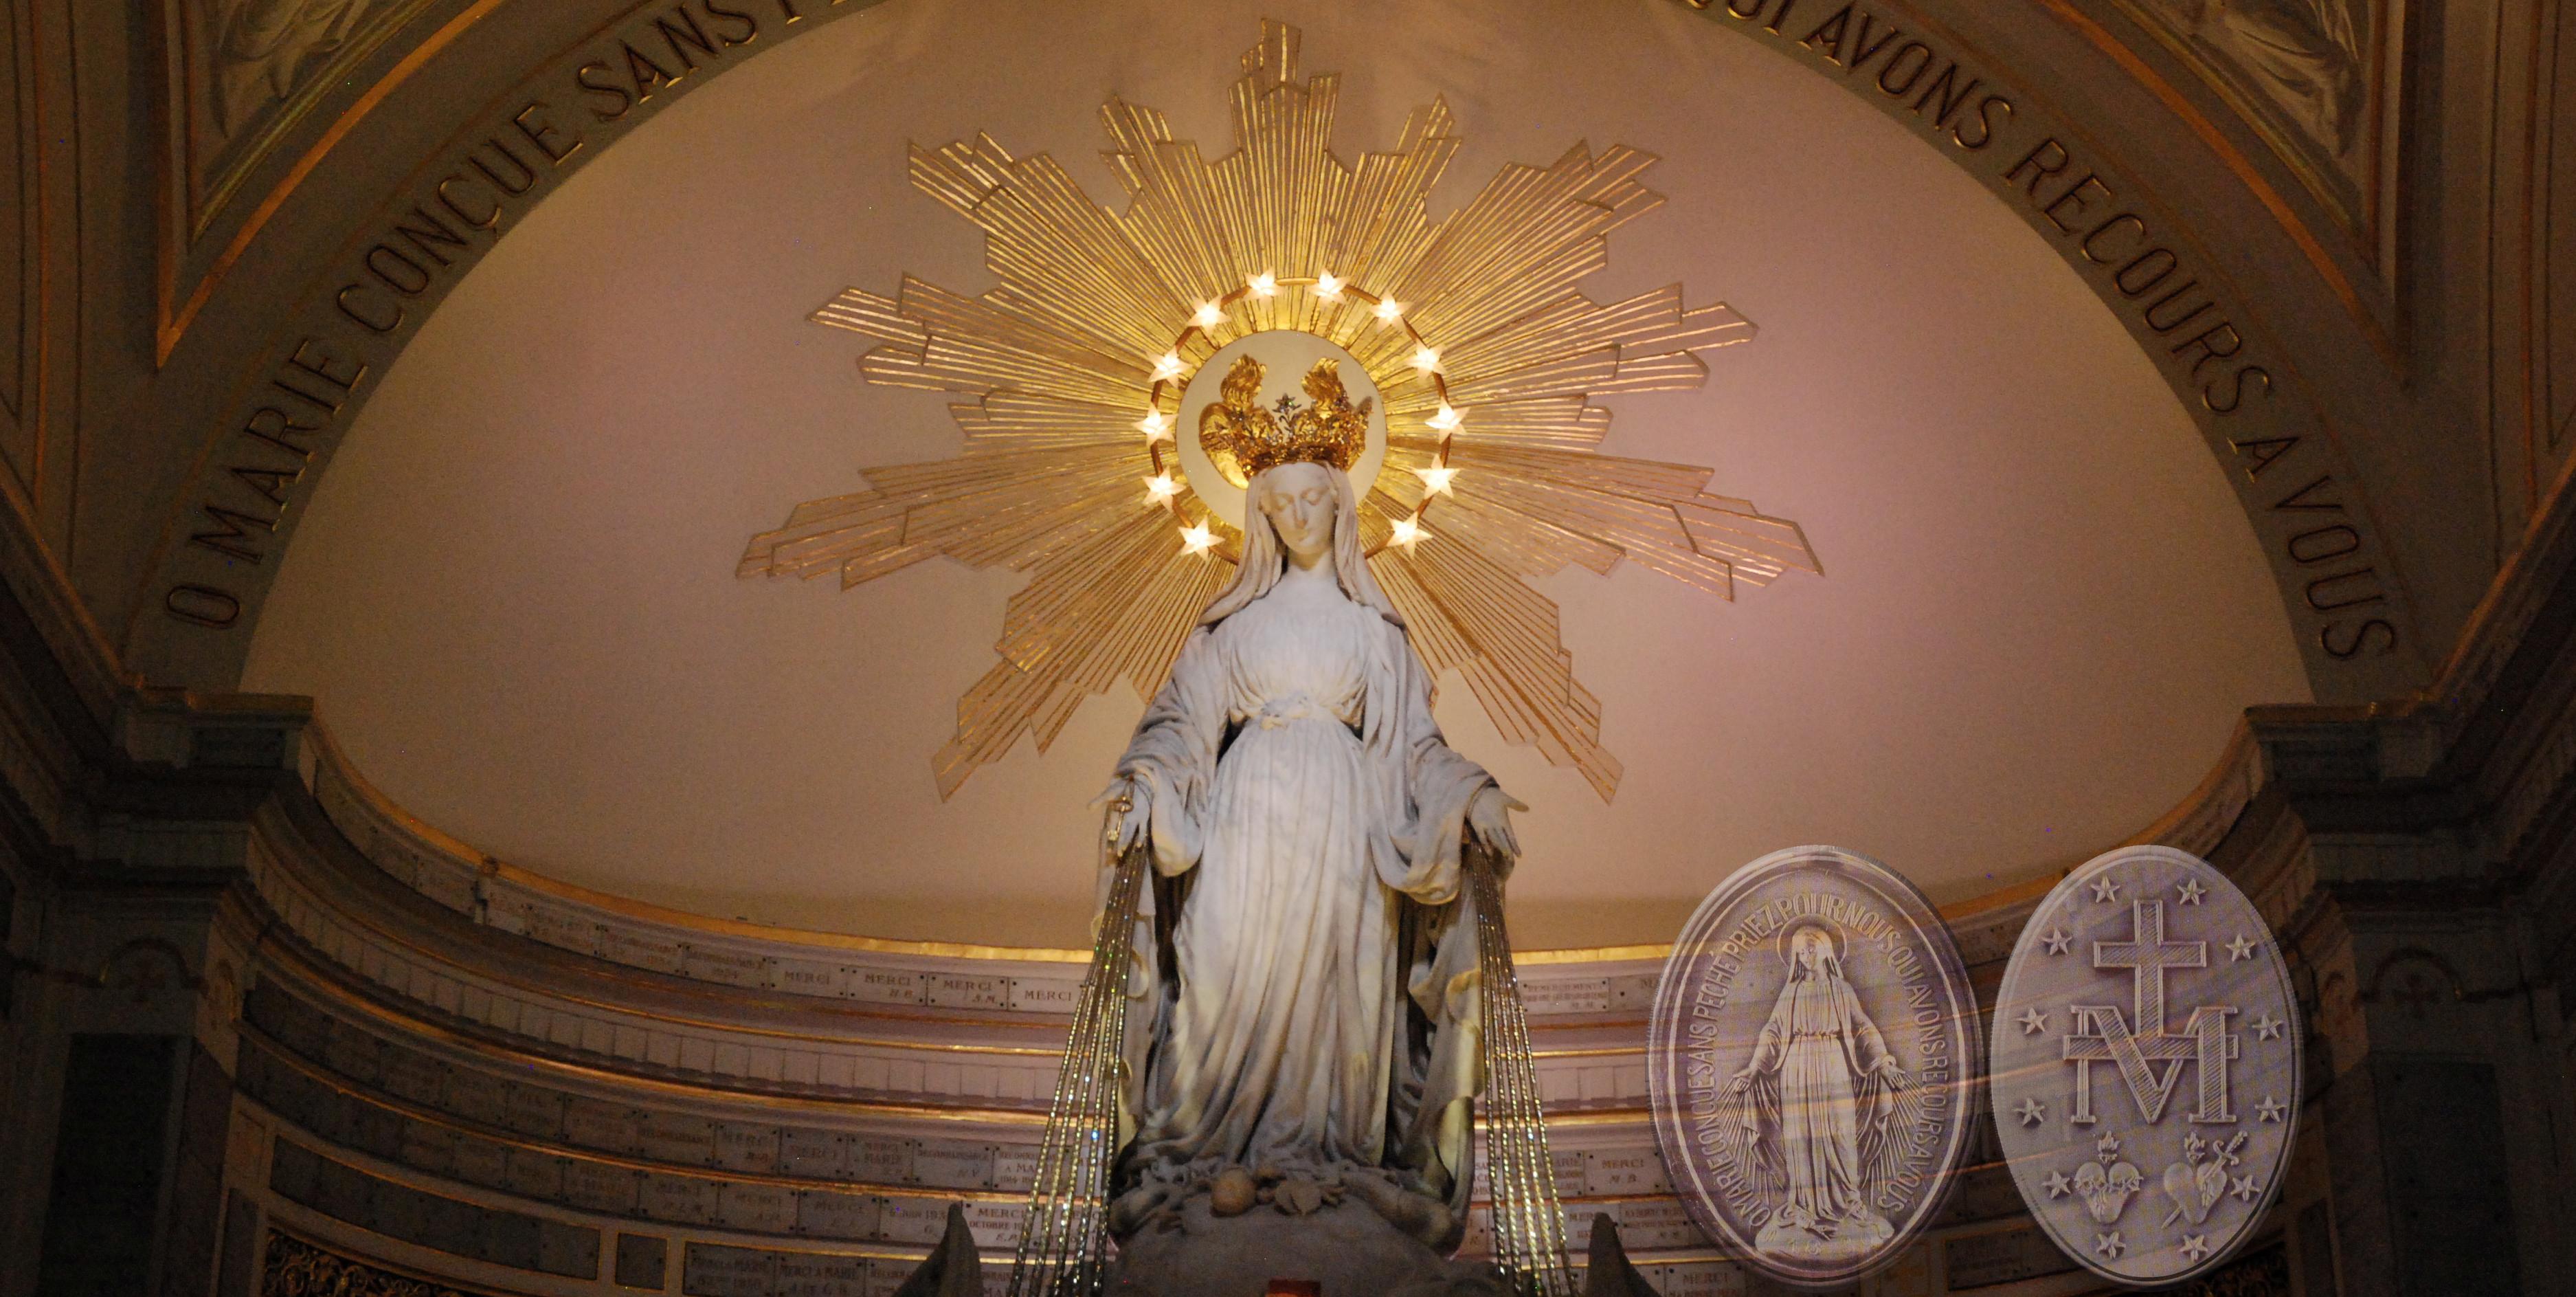 Chapelle de N.-D. de la Médaille miraculeuse, Paris © chapellenotredamedelamedaillemiraculeuse.com